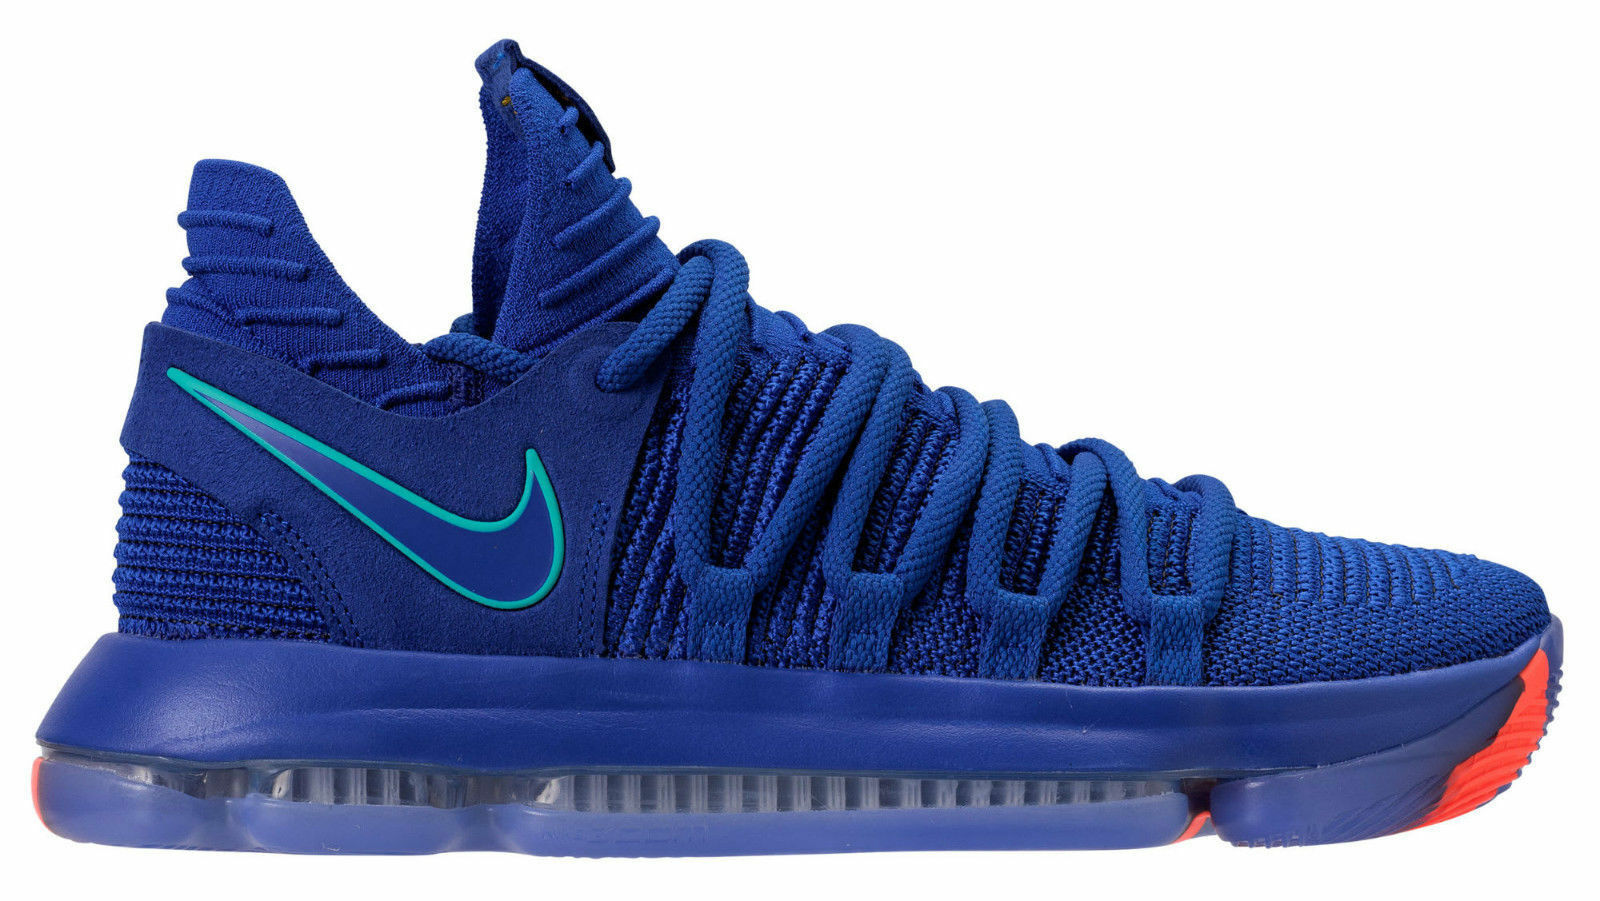 Auténtico Auténtico Auténtico Nike Zoom Kd X 10 Racer Azul Claro Hombreta Negro 897815 402 Hombre Talla 4c8a95